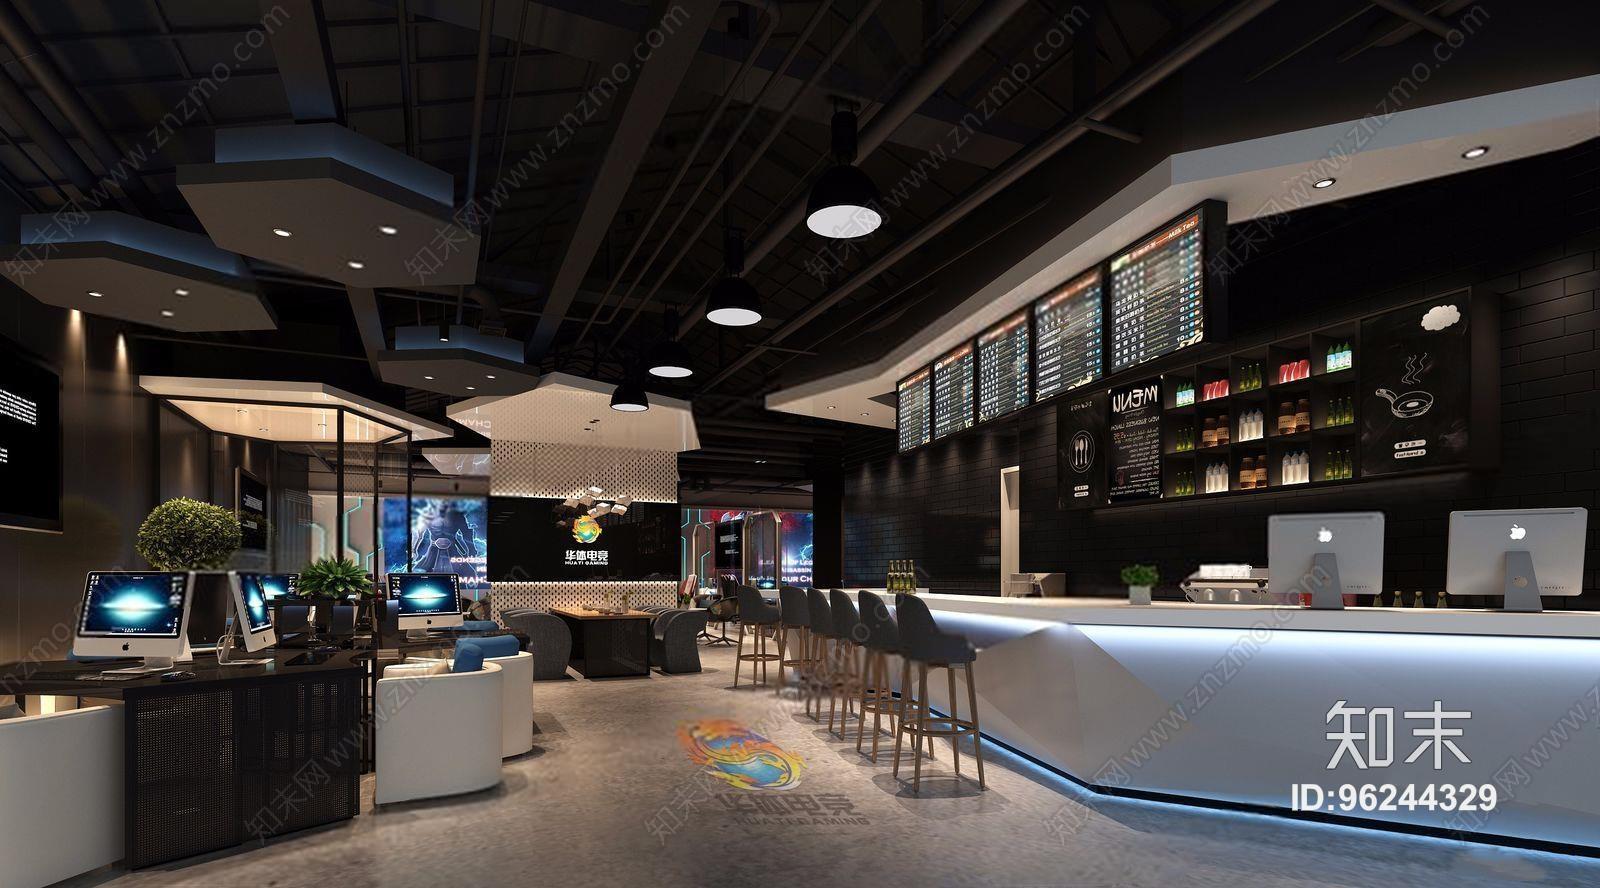 工业风网吧 工业风网咖 网吧 服务台 桌子 椅子 吊灯 收银台 吧台 吧图片